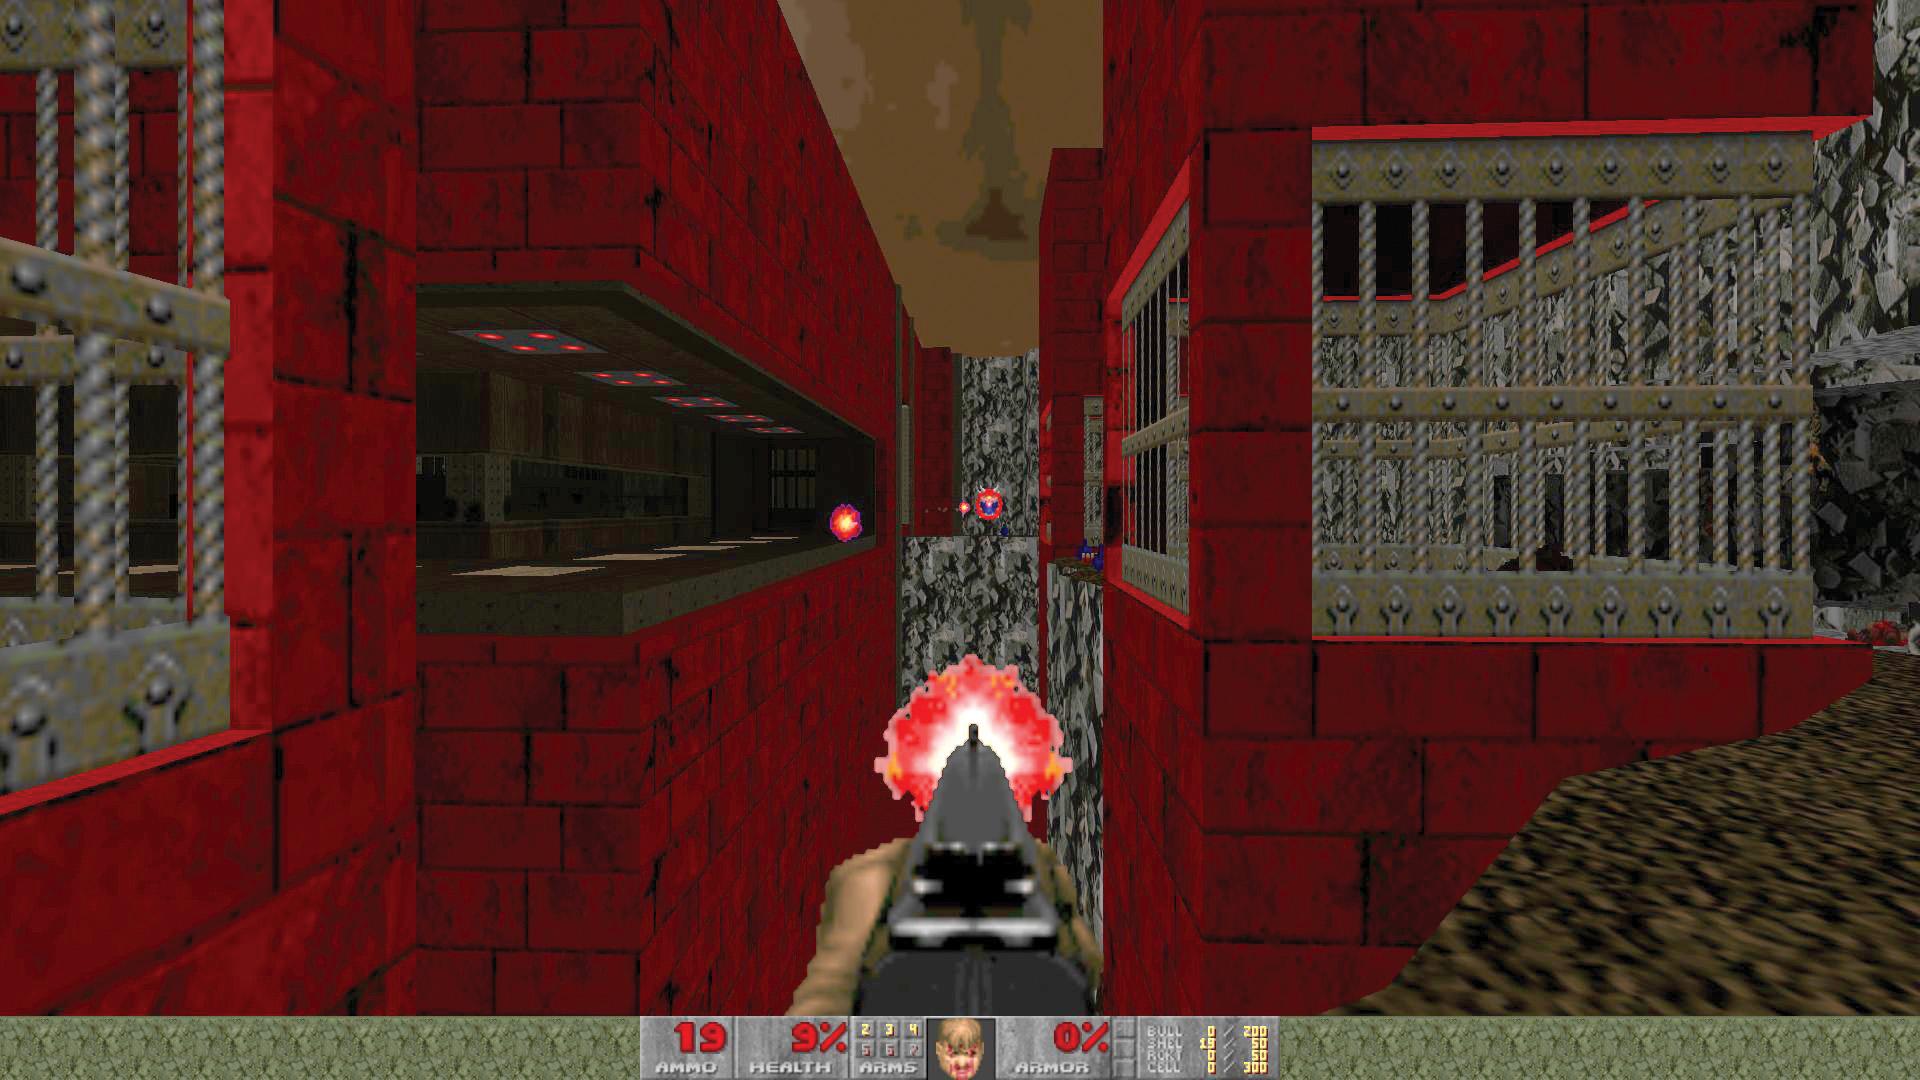 Romero returns to Doom to play tricks in Sigil | PC Gamer